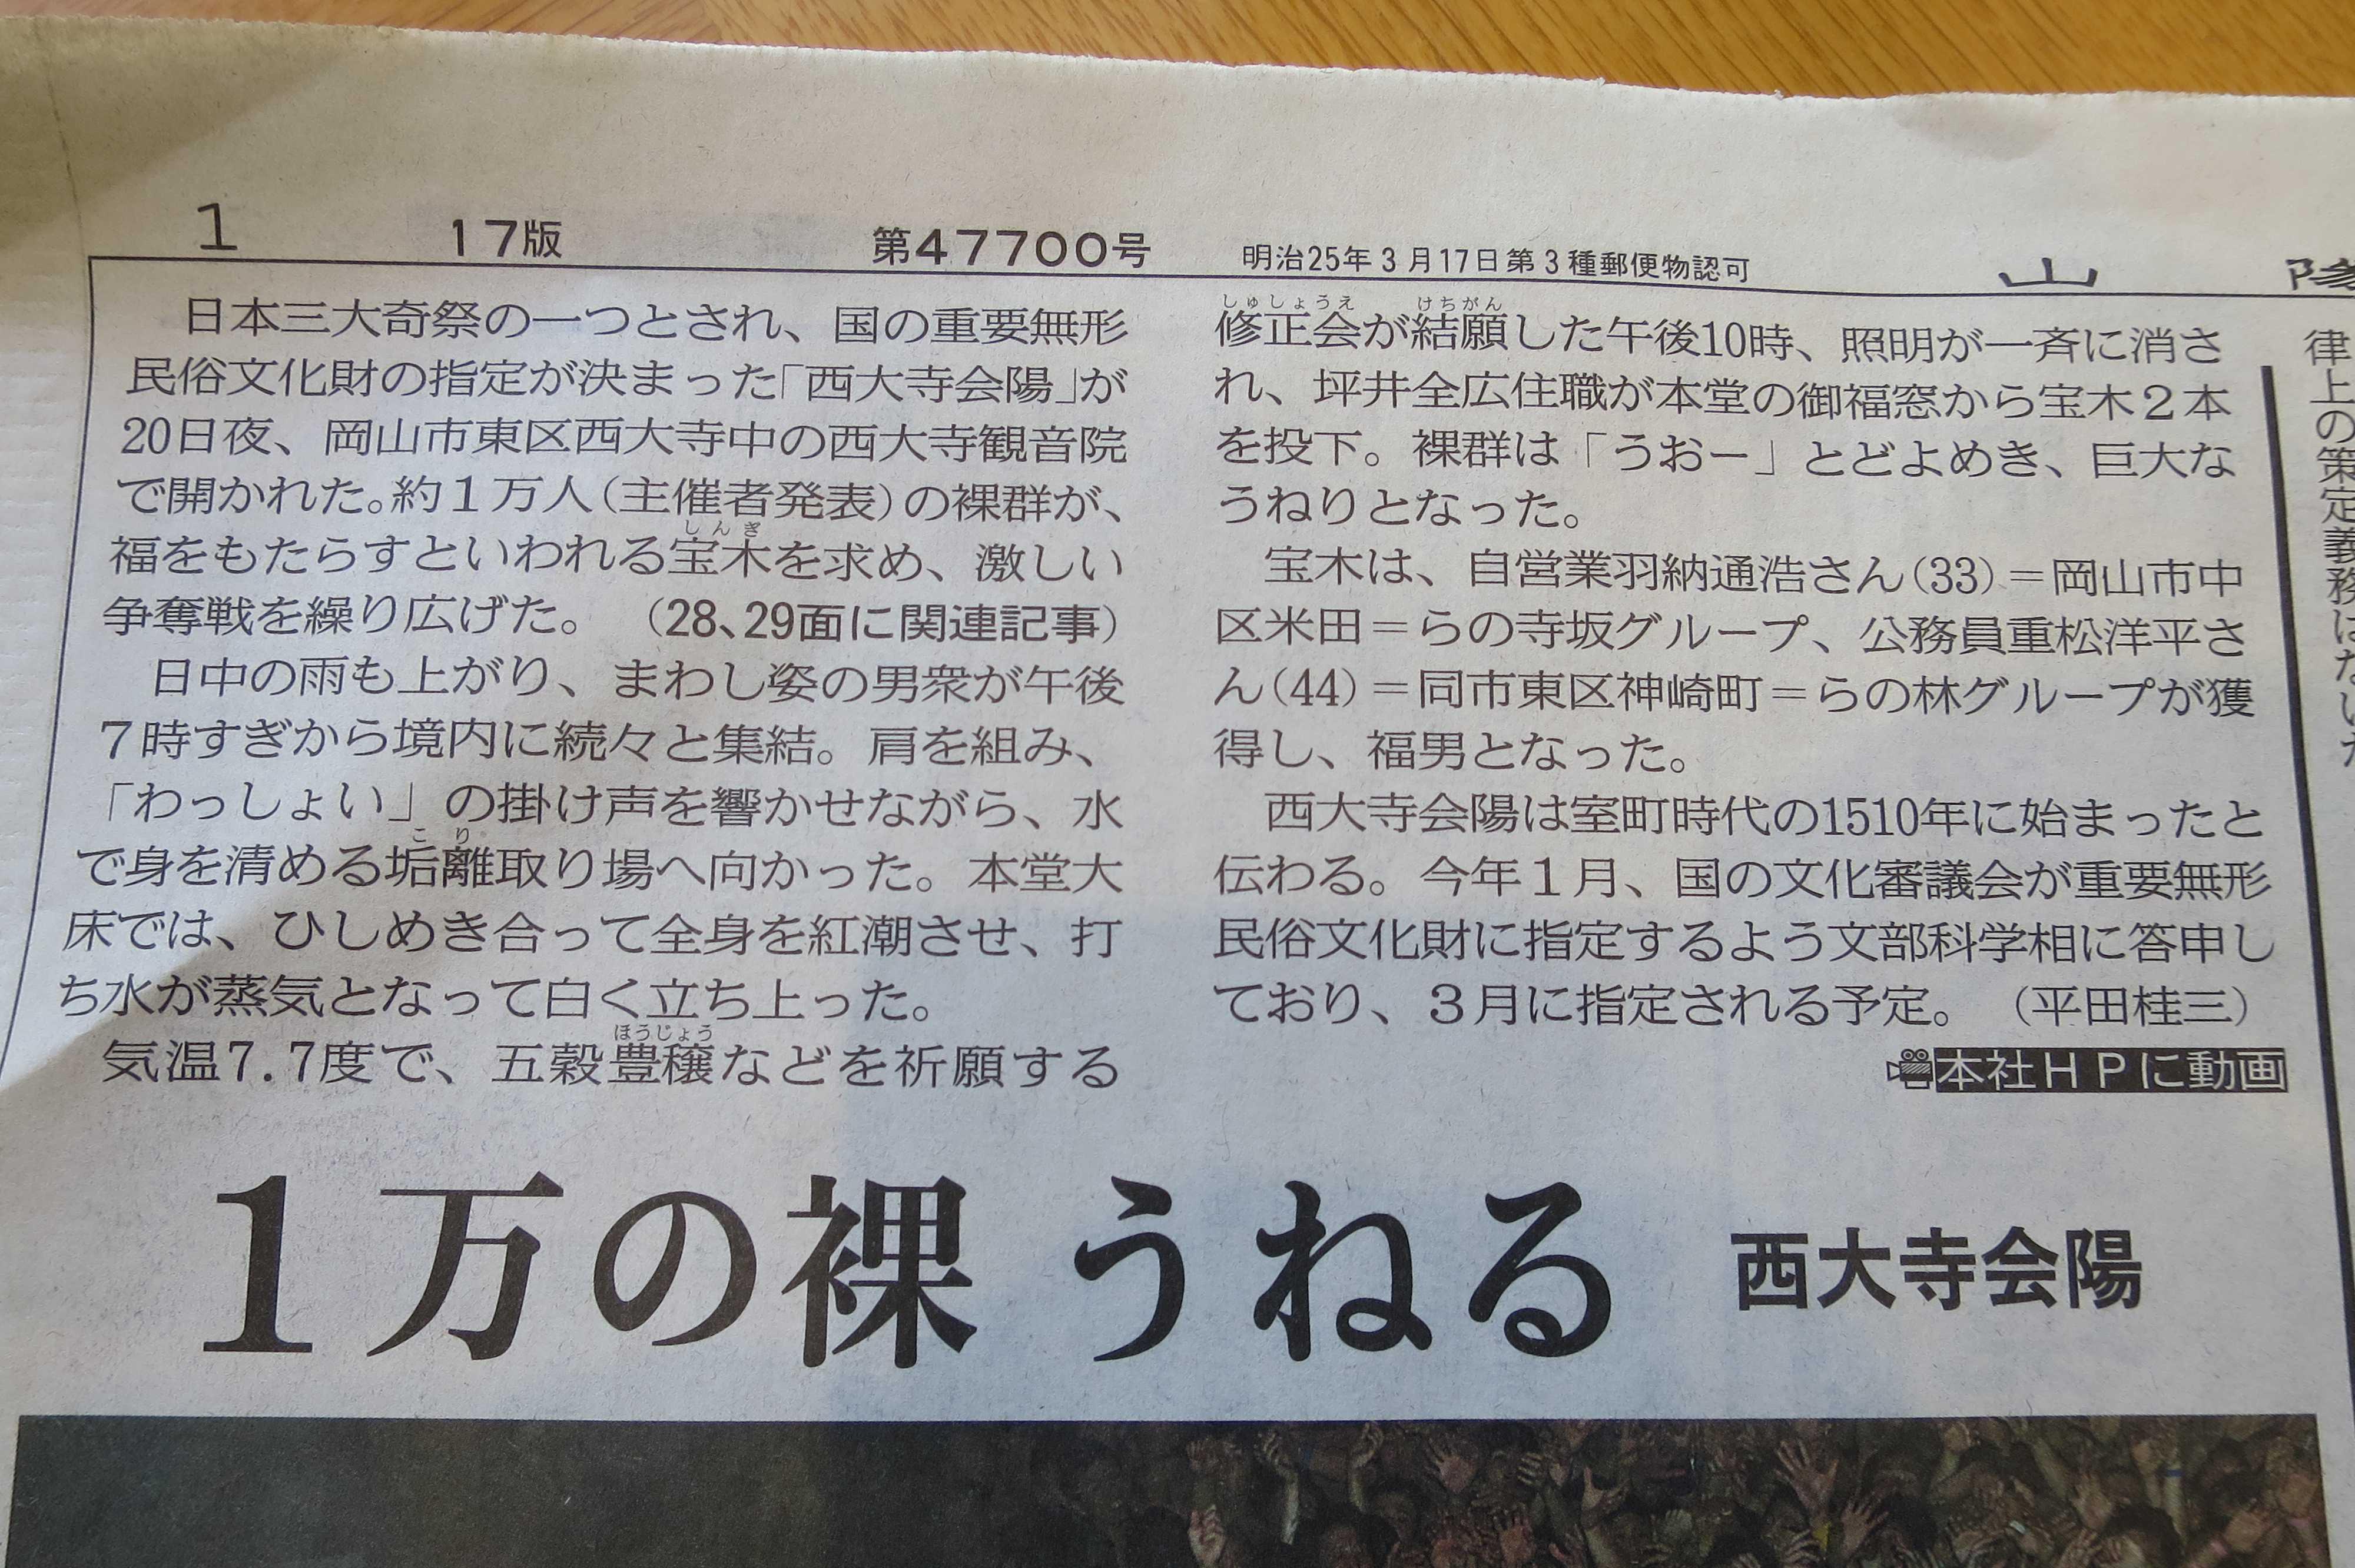 西大寺会陽 - 山陽新聞記事